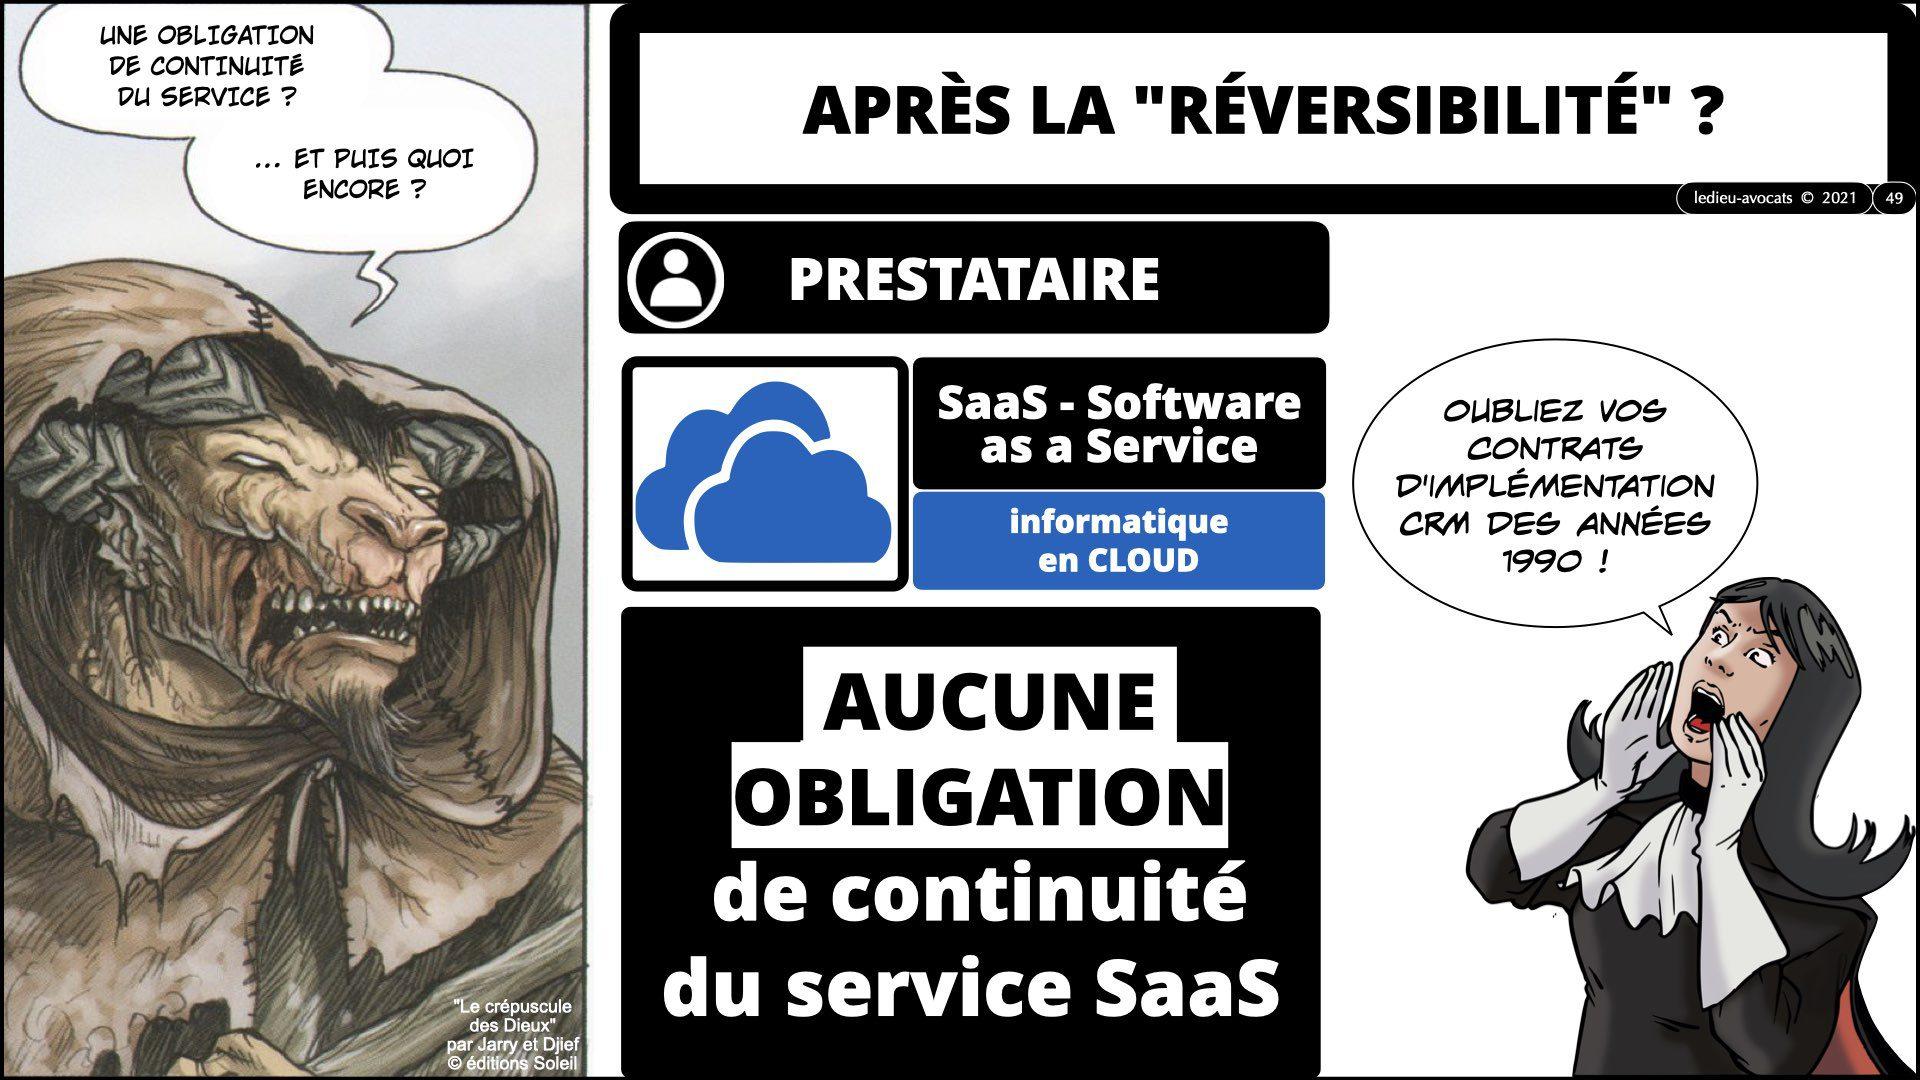 343 service LOGICIEL SaaS Software-as-a-Service cloud computing © Ledieu-Avocats technique droit numerique 30-08-2021.049